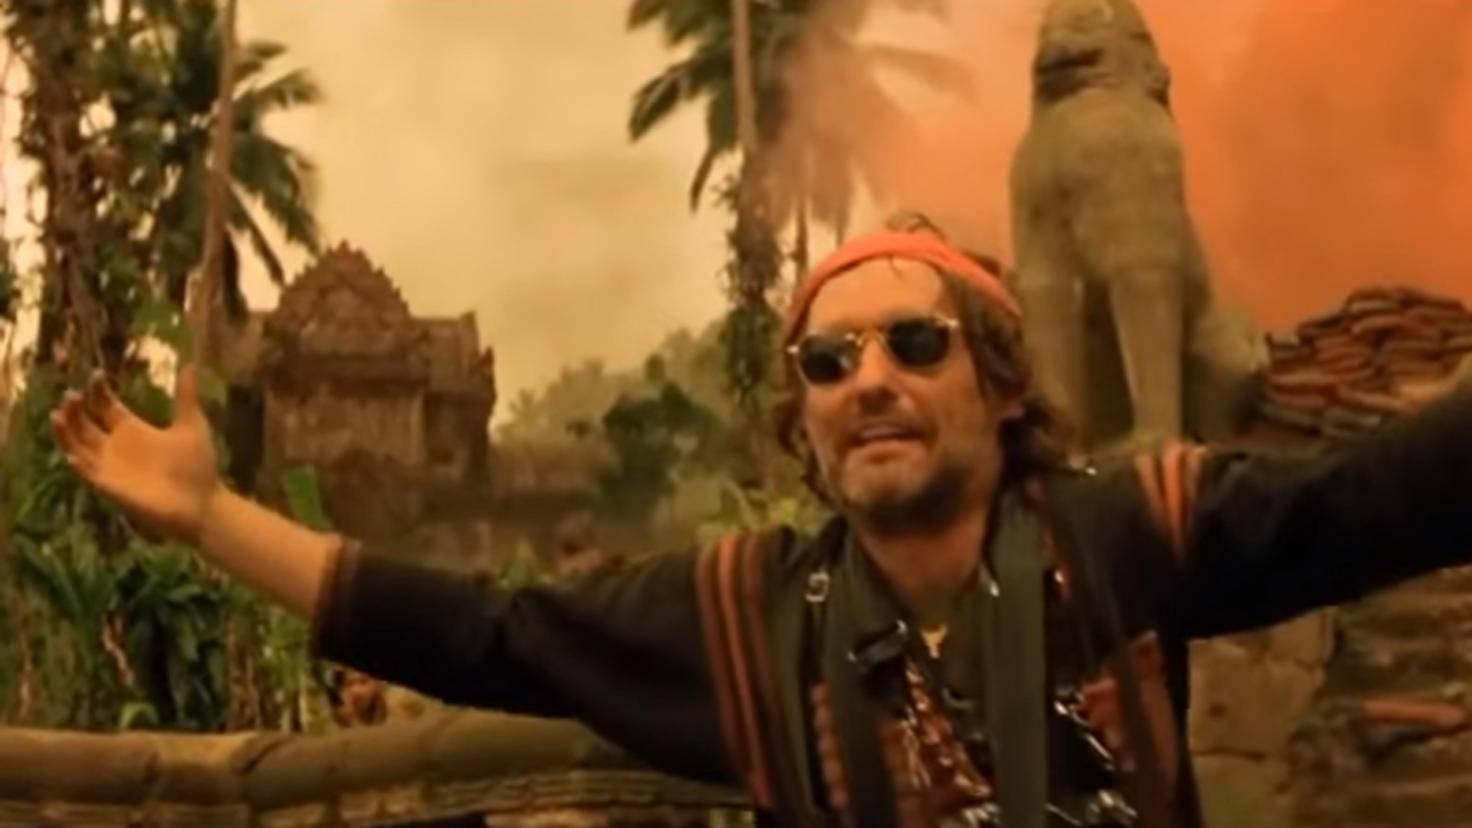 """Gemeinsame Bilder von Marlon Brando und Dennis Hopper vom """"Apocalypse Now""""-Set sucht man vergebens."""